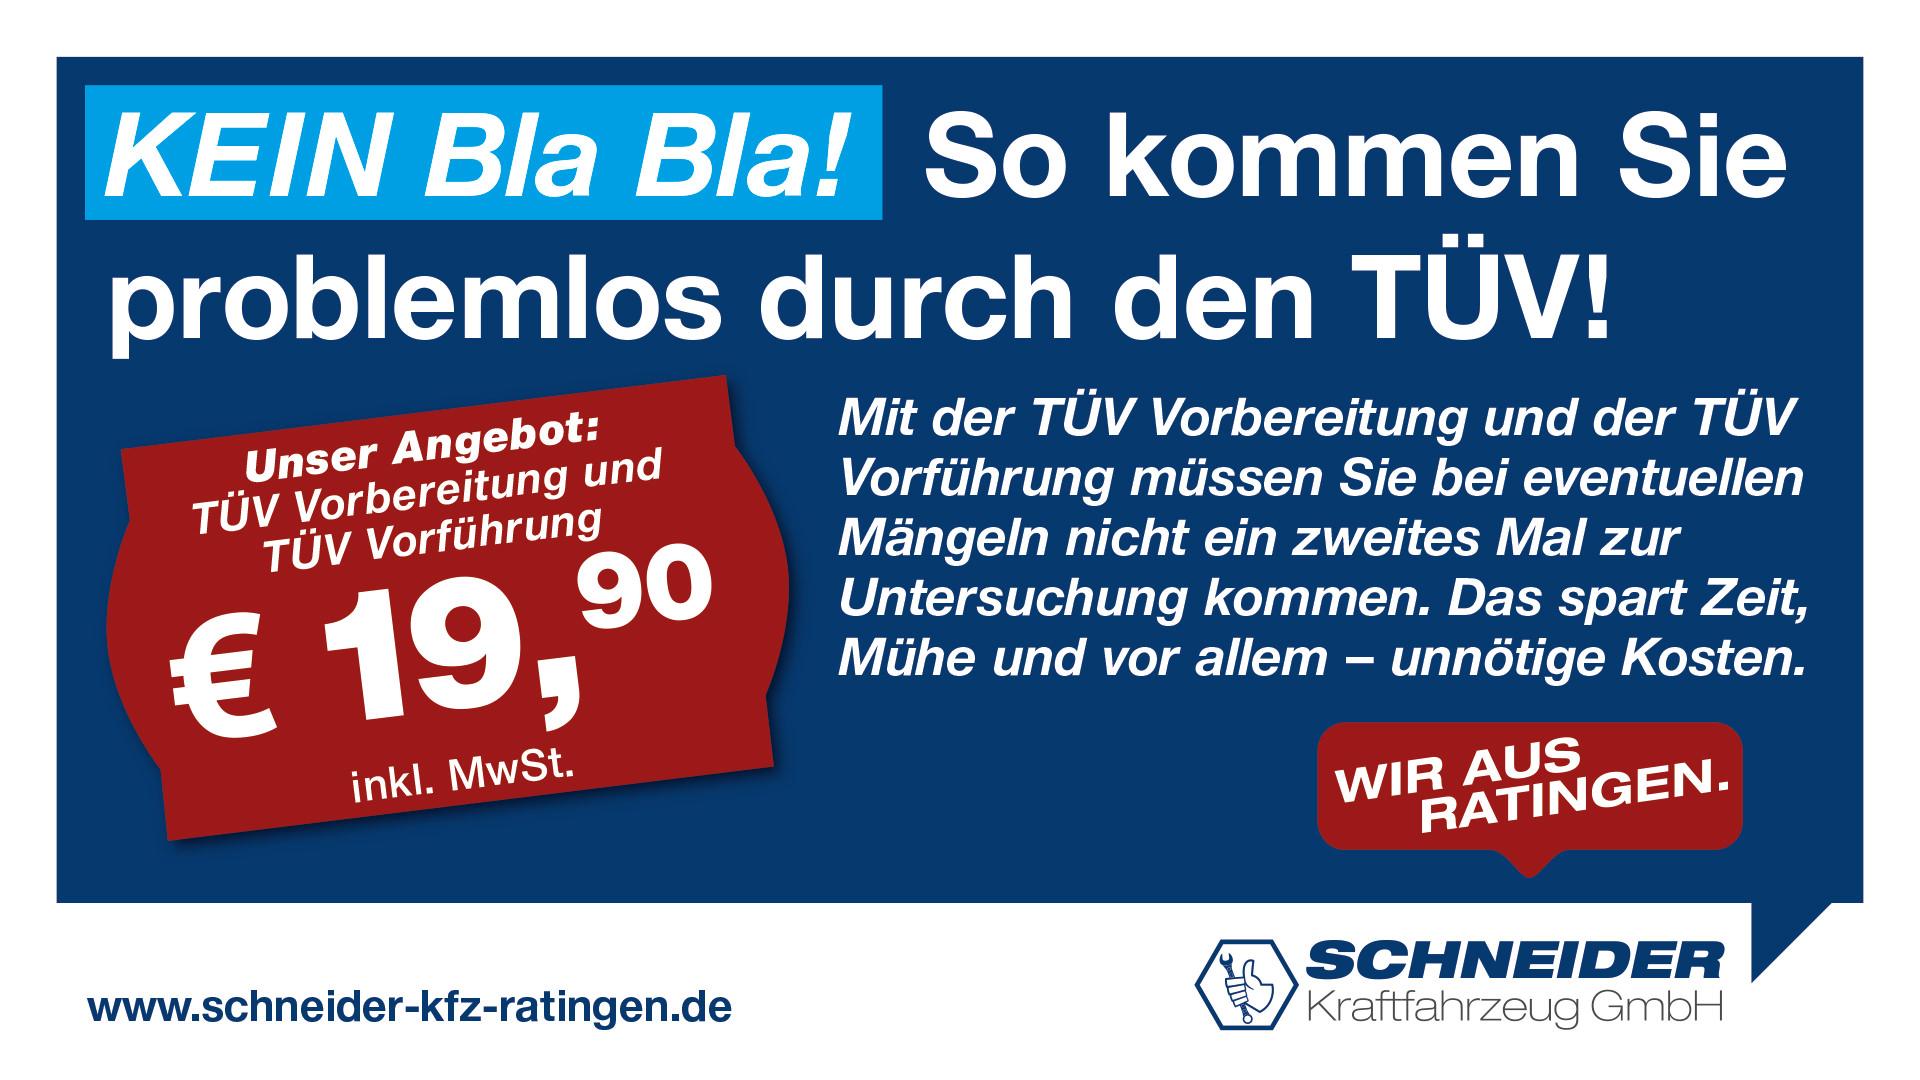 Schneider Kfz GmbH – TÜV-Vorbereitung Check 19,90